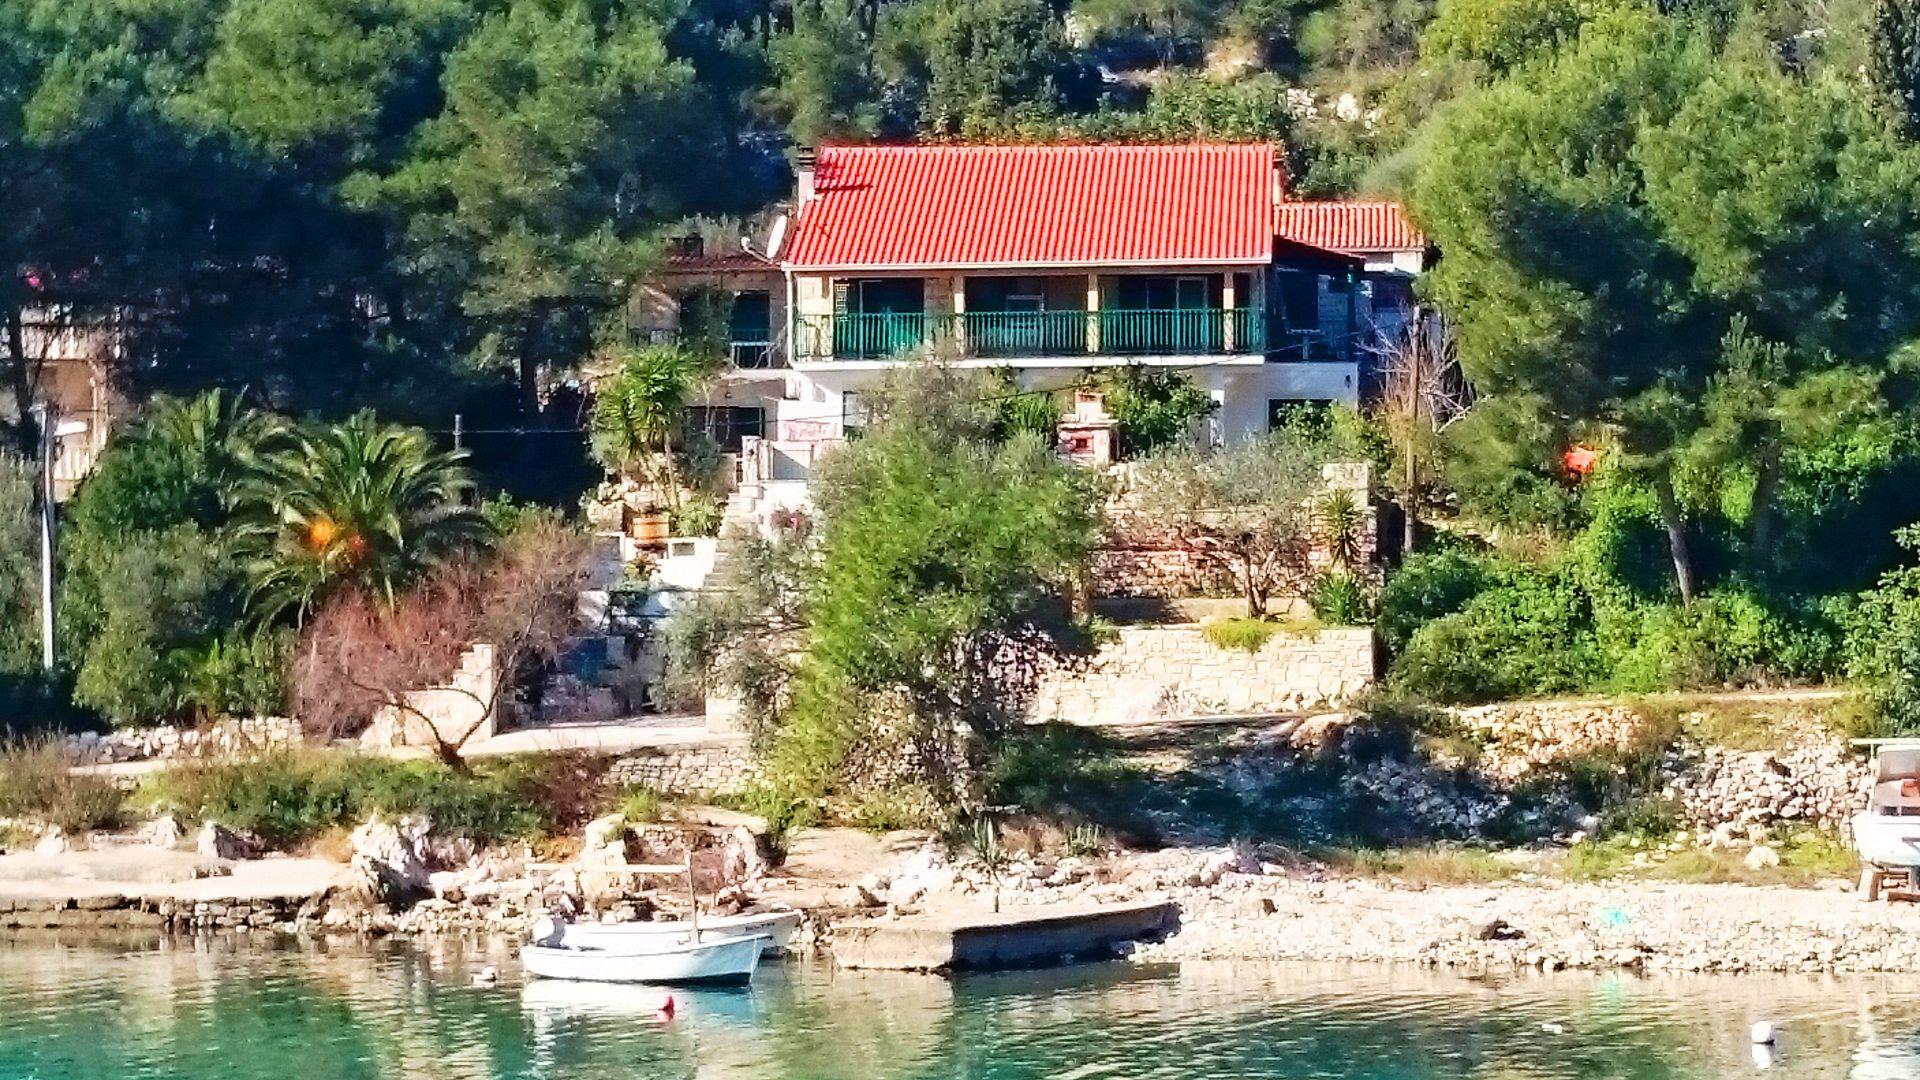 044-04-ROG - Bucht Banje (Rogac) - Unterkunft in Buchten Kroatien